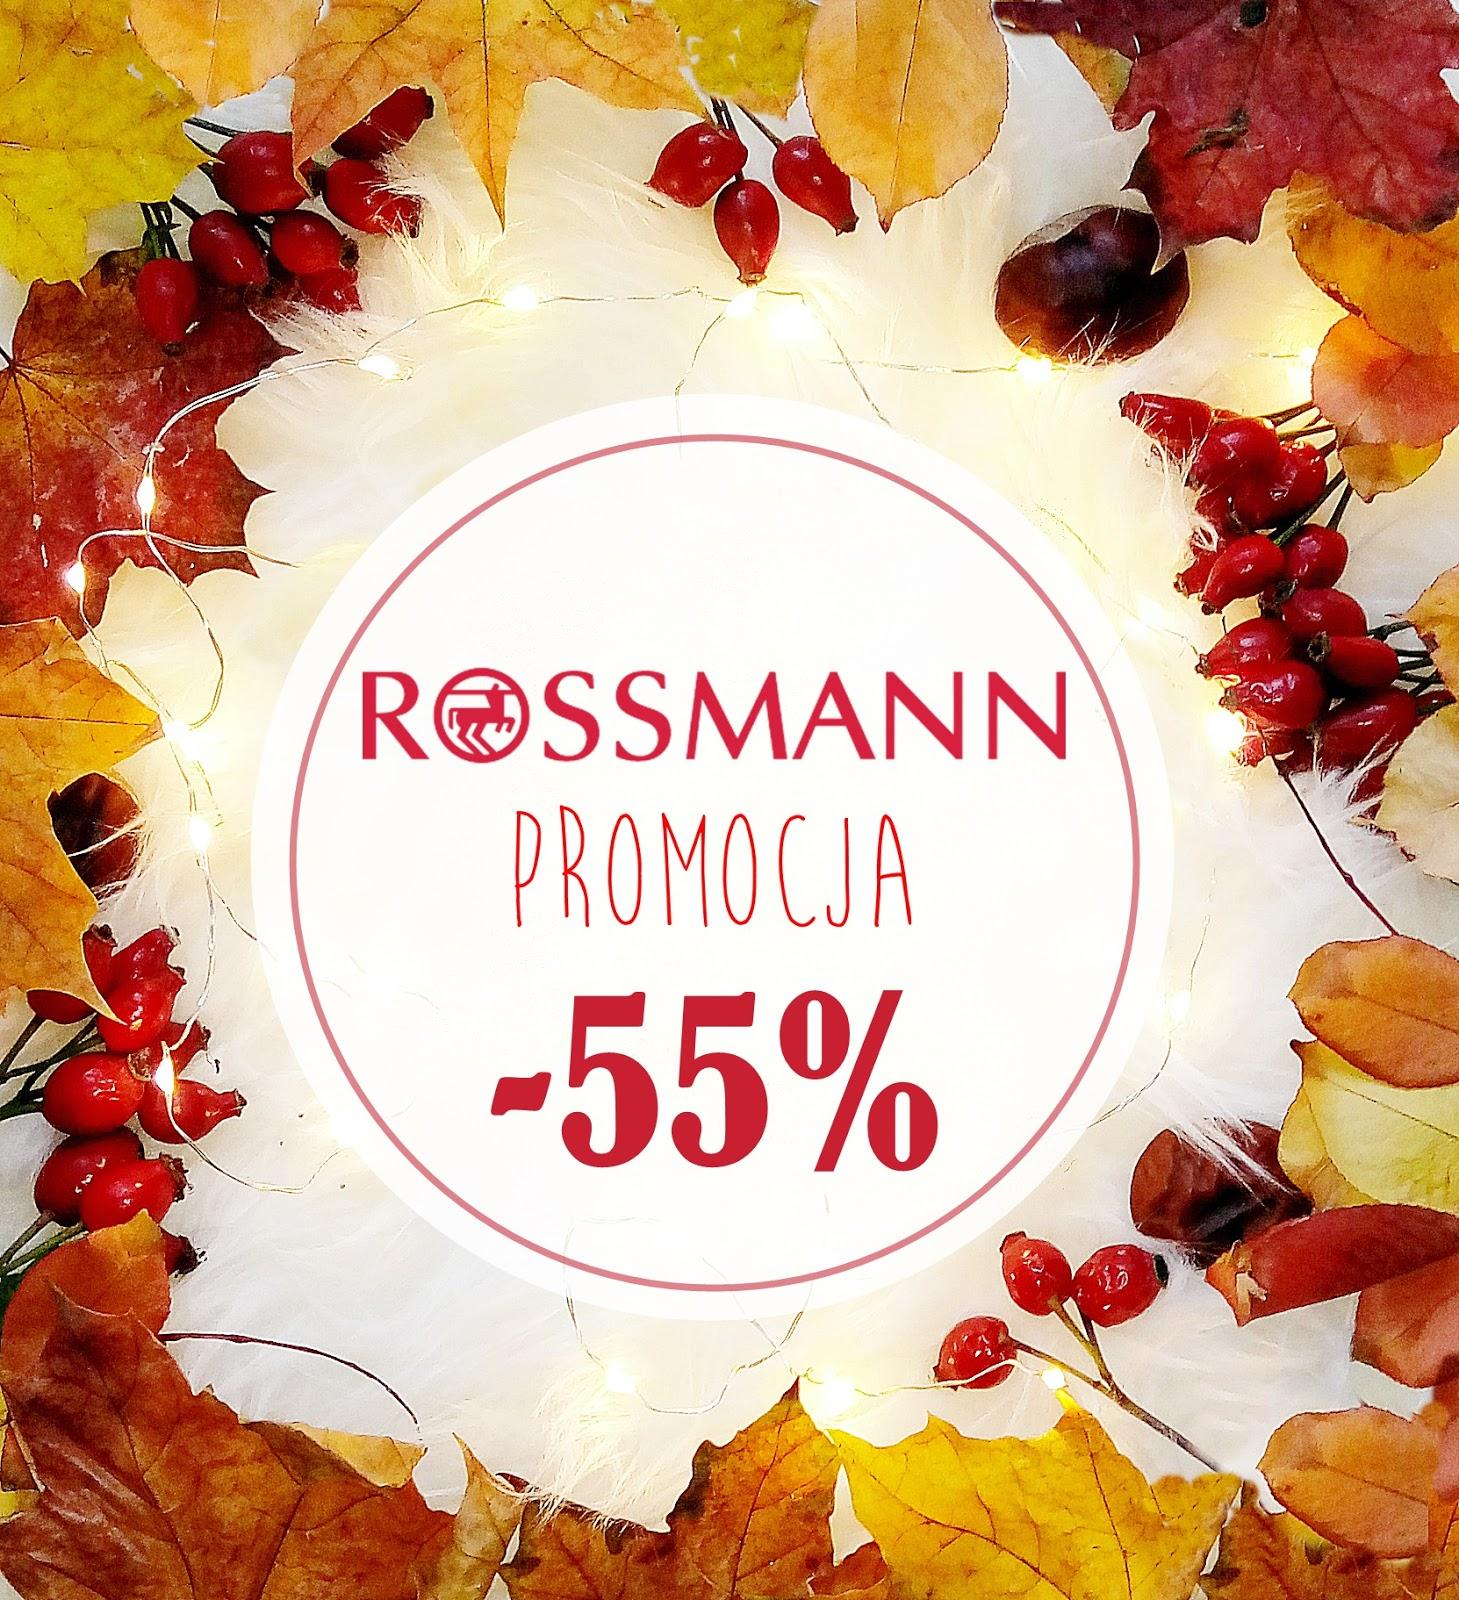 Promocja -55% w Rossmannie-co warto kupić, podsumowanie +bonus lista zakupów do druku